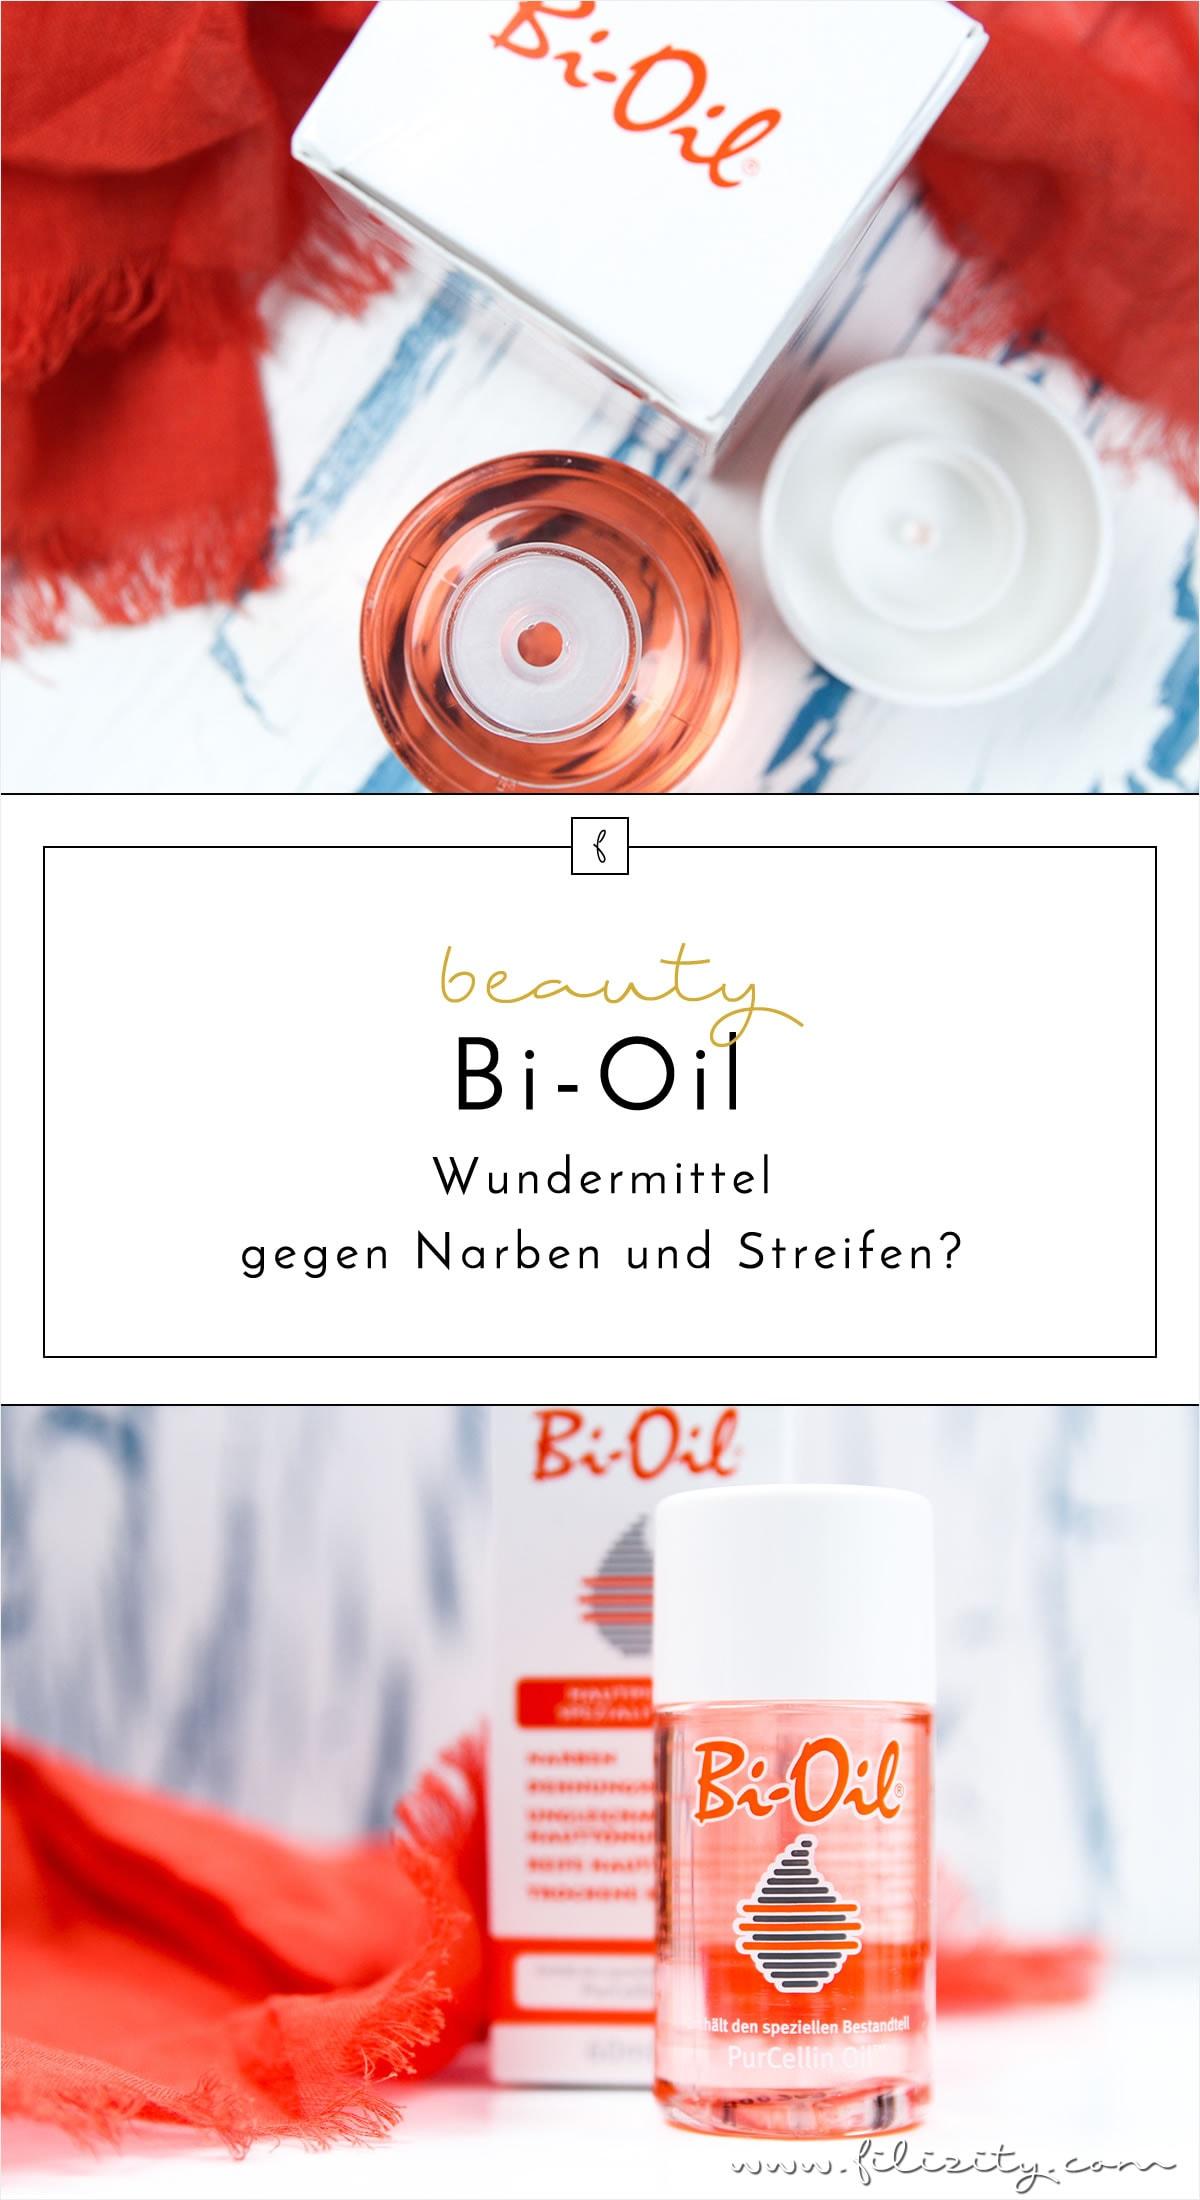 Bi-Oil Hautpflege - Wundermittel gegen Narben und Dehnungsstreifen?